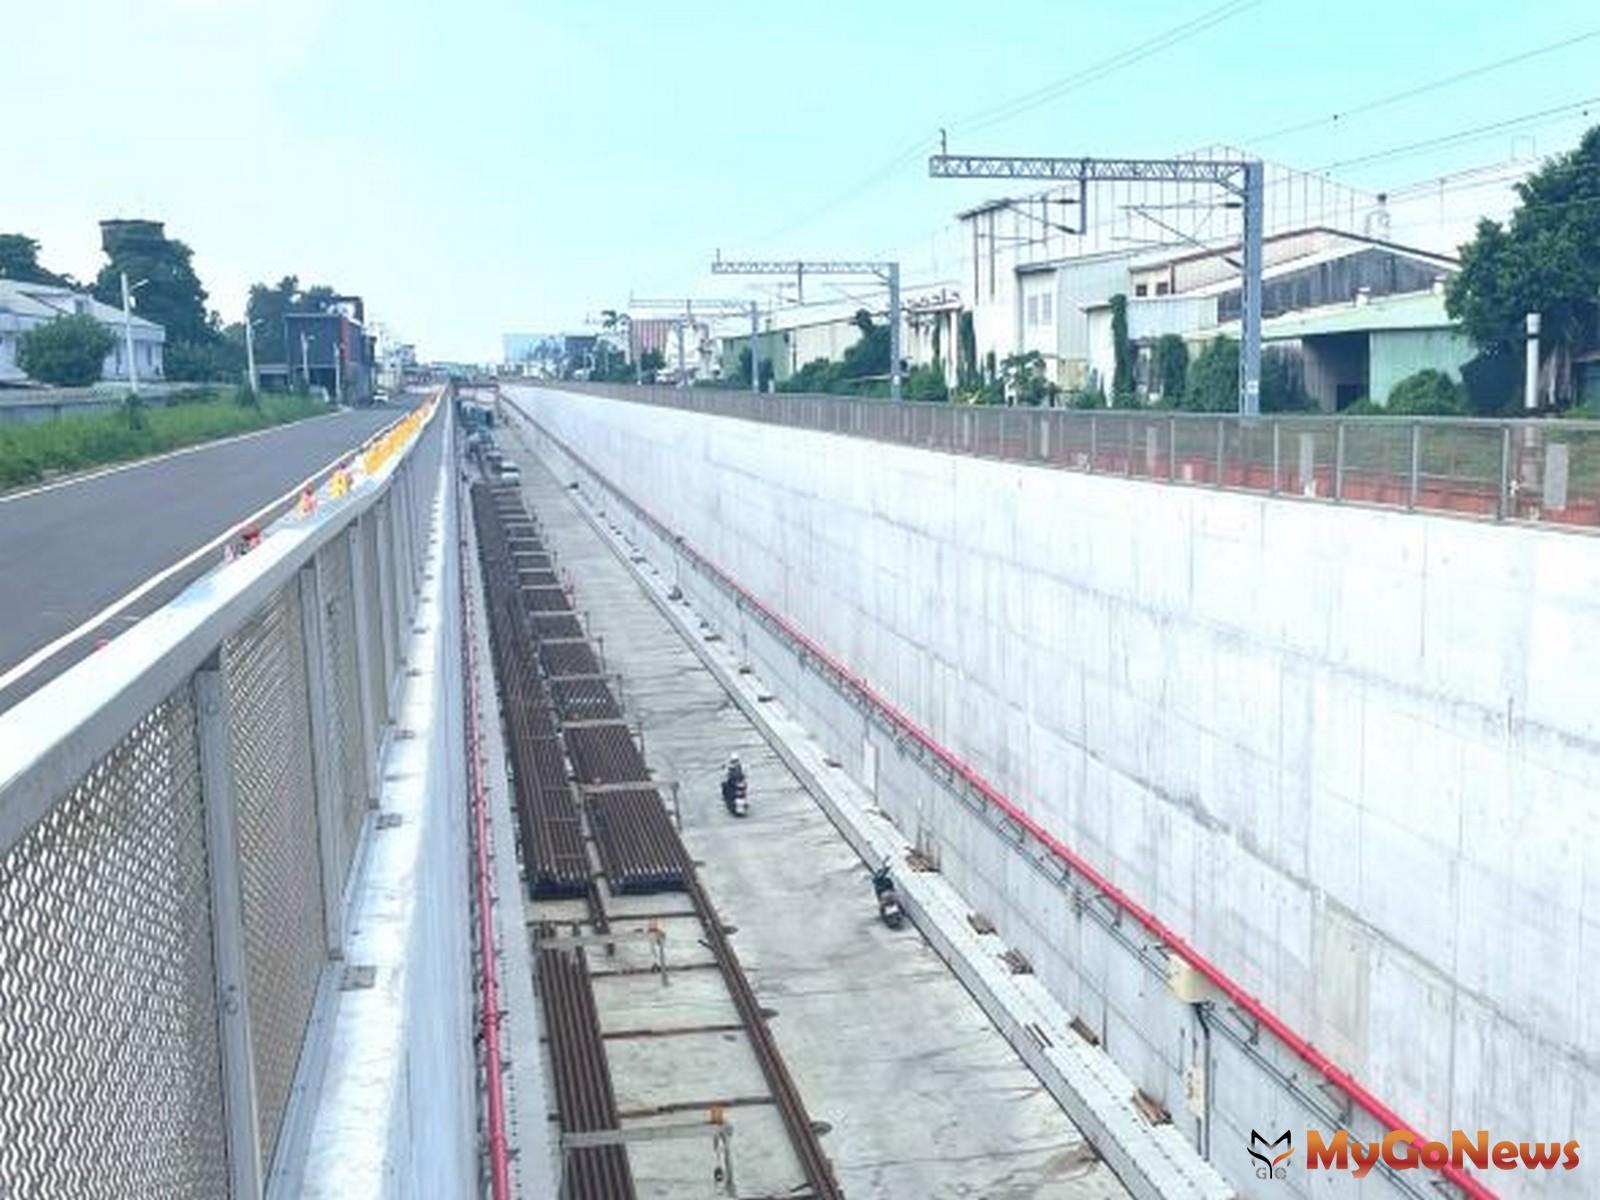 台南鐵路地下化計畫工程進度已過半,施工全面開展(圖/交通部) MyGoNews房地產新聞 區域情報